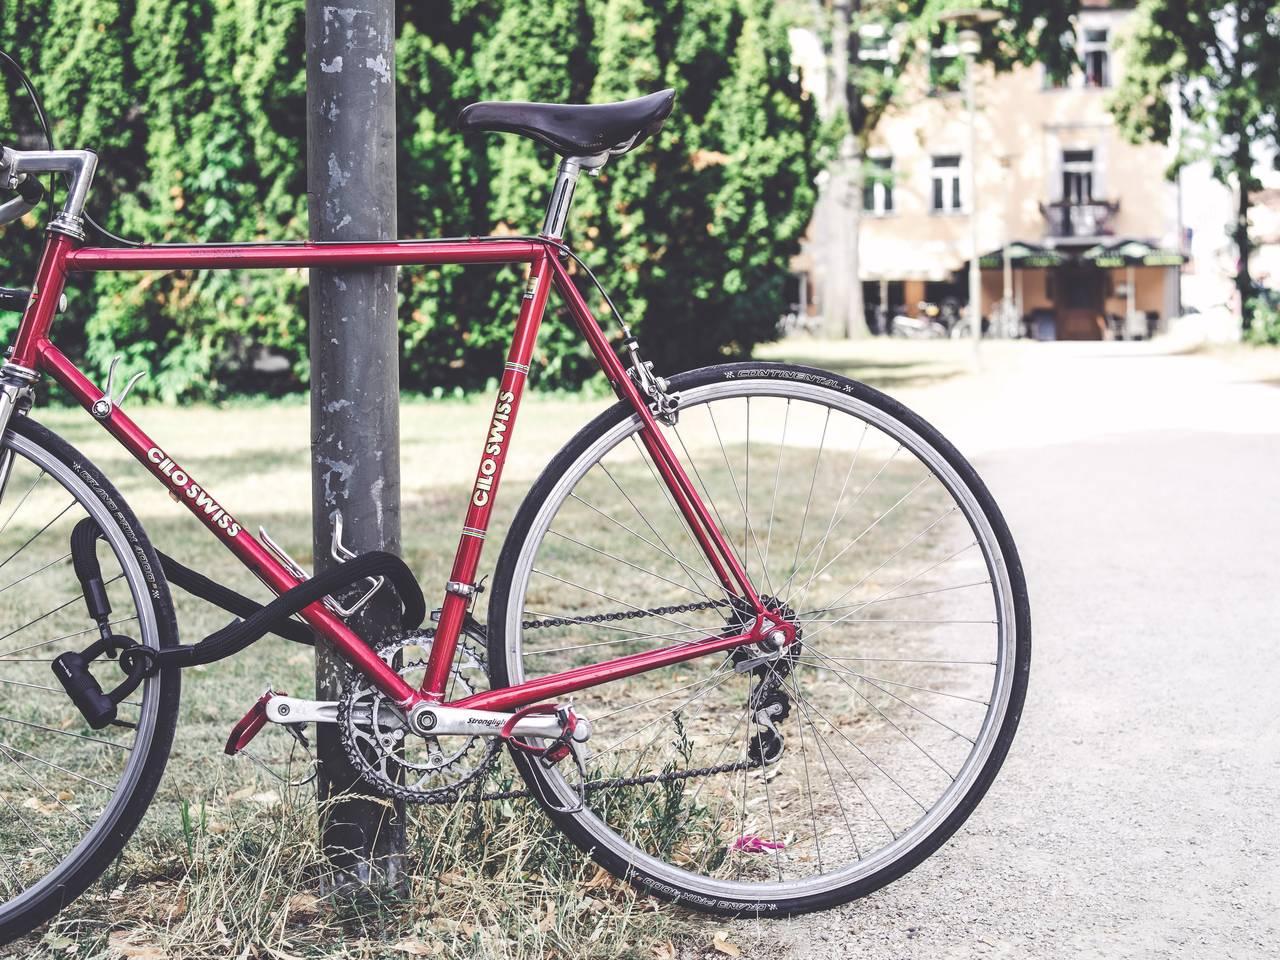 Fahrrad in einer grünen Stadt. Urbane Mobilität.